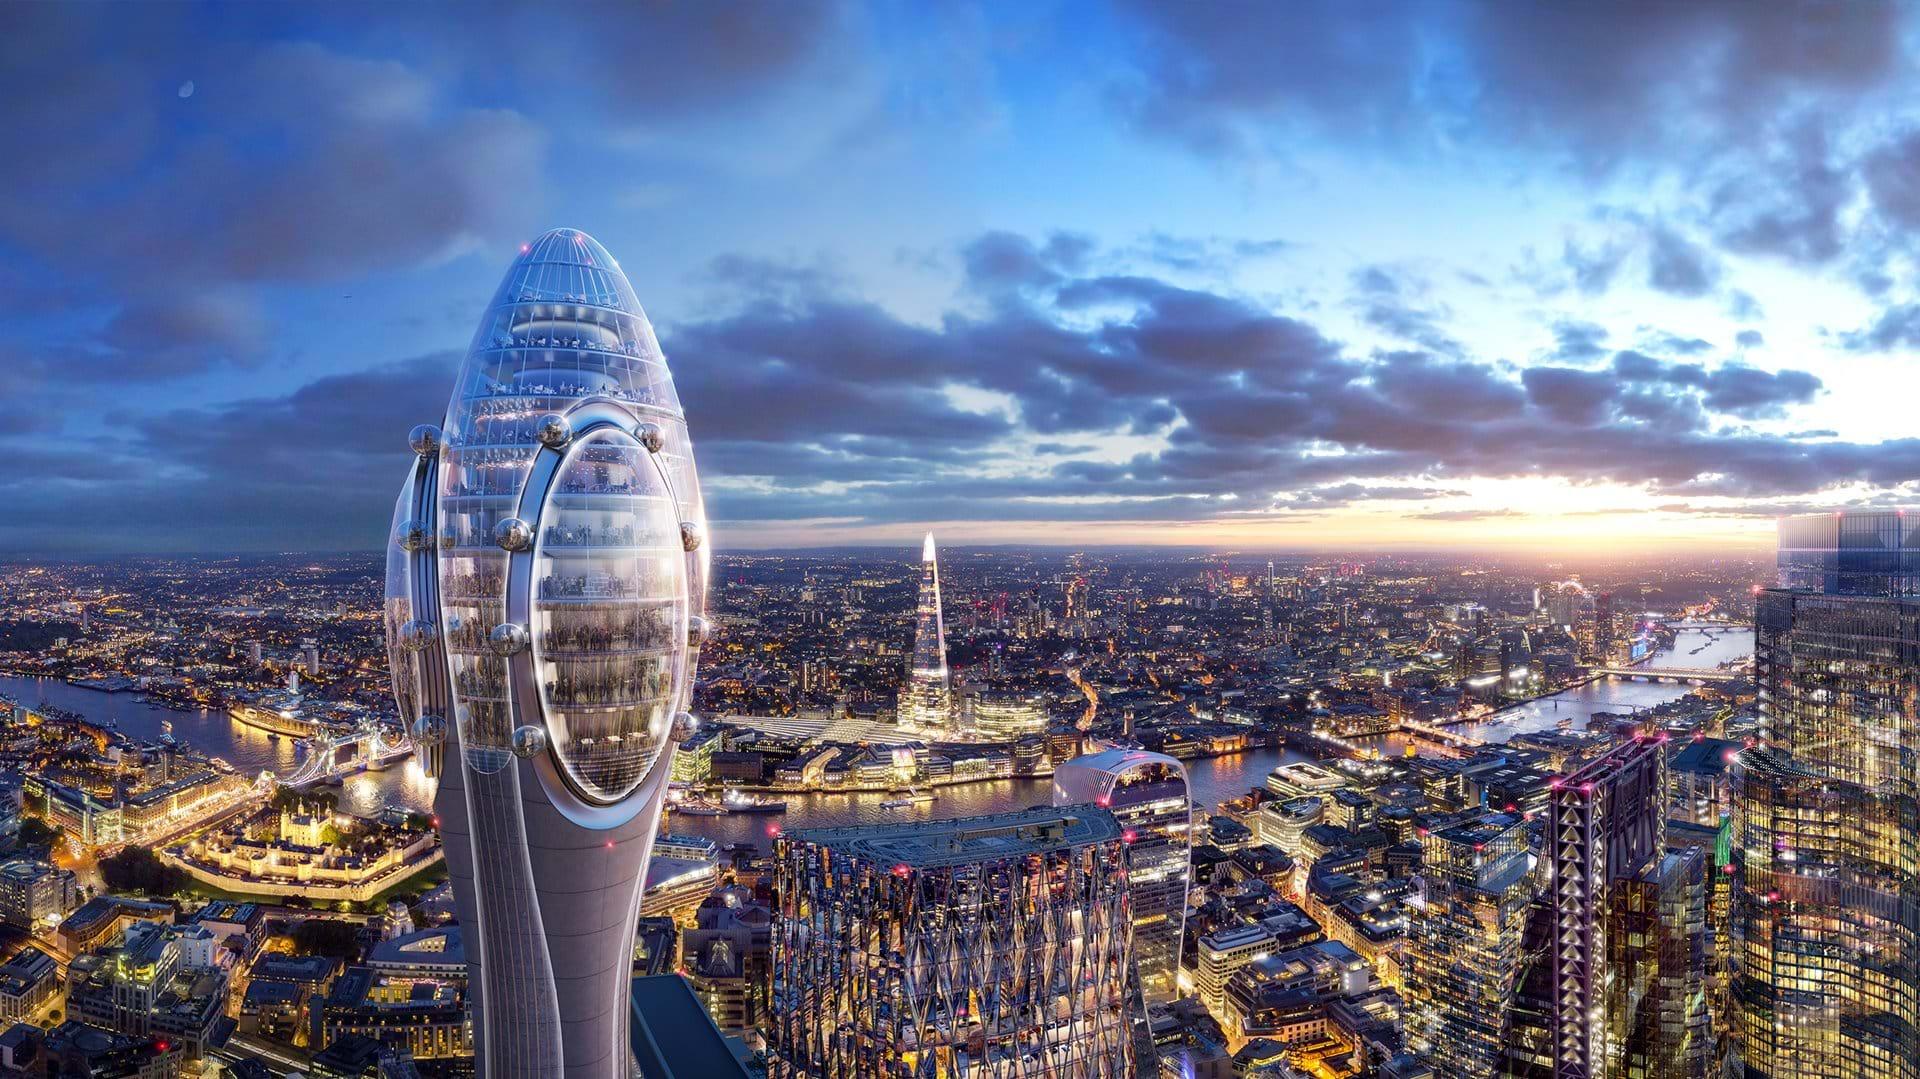 «Тюльпан»: новая культурная и туристическая достопримечательность Лондона - фото 2